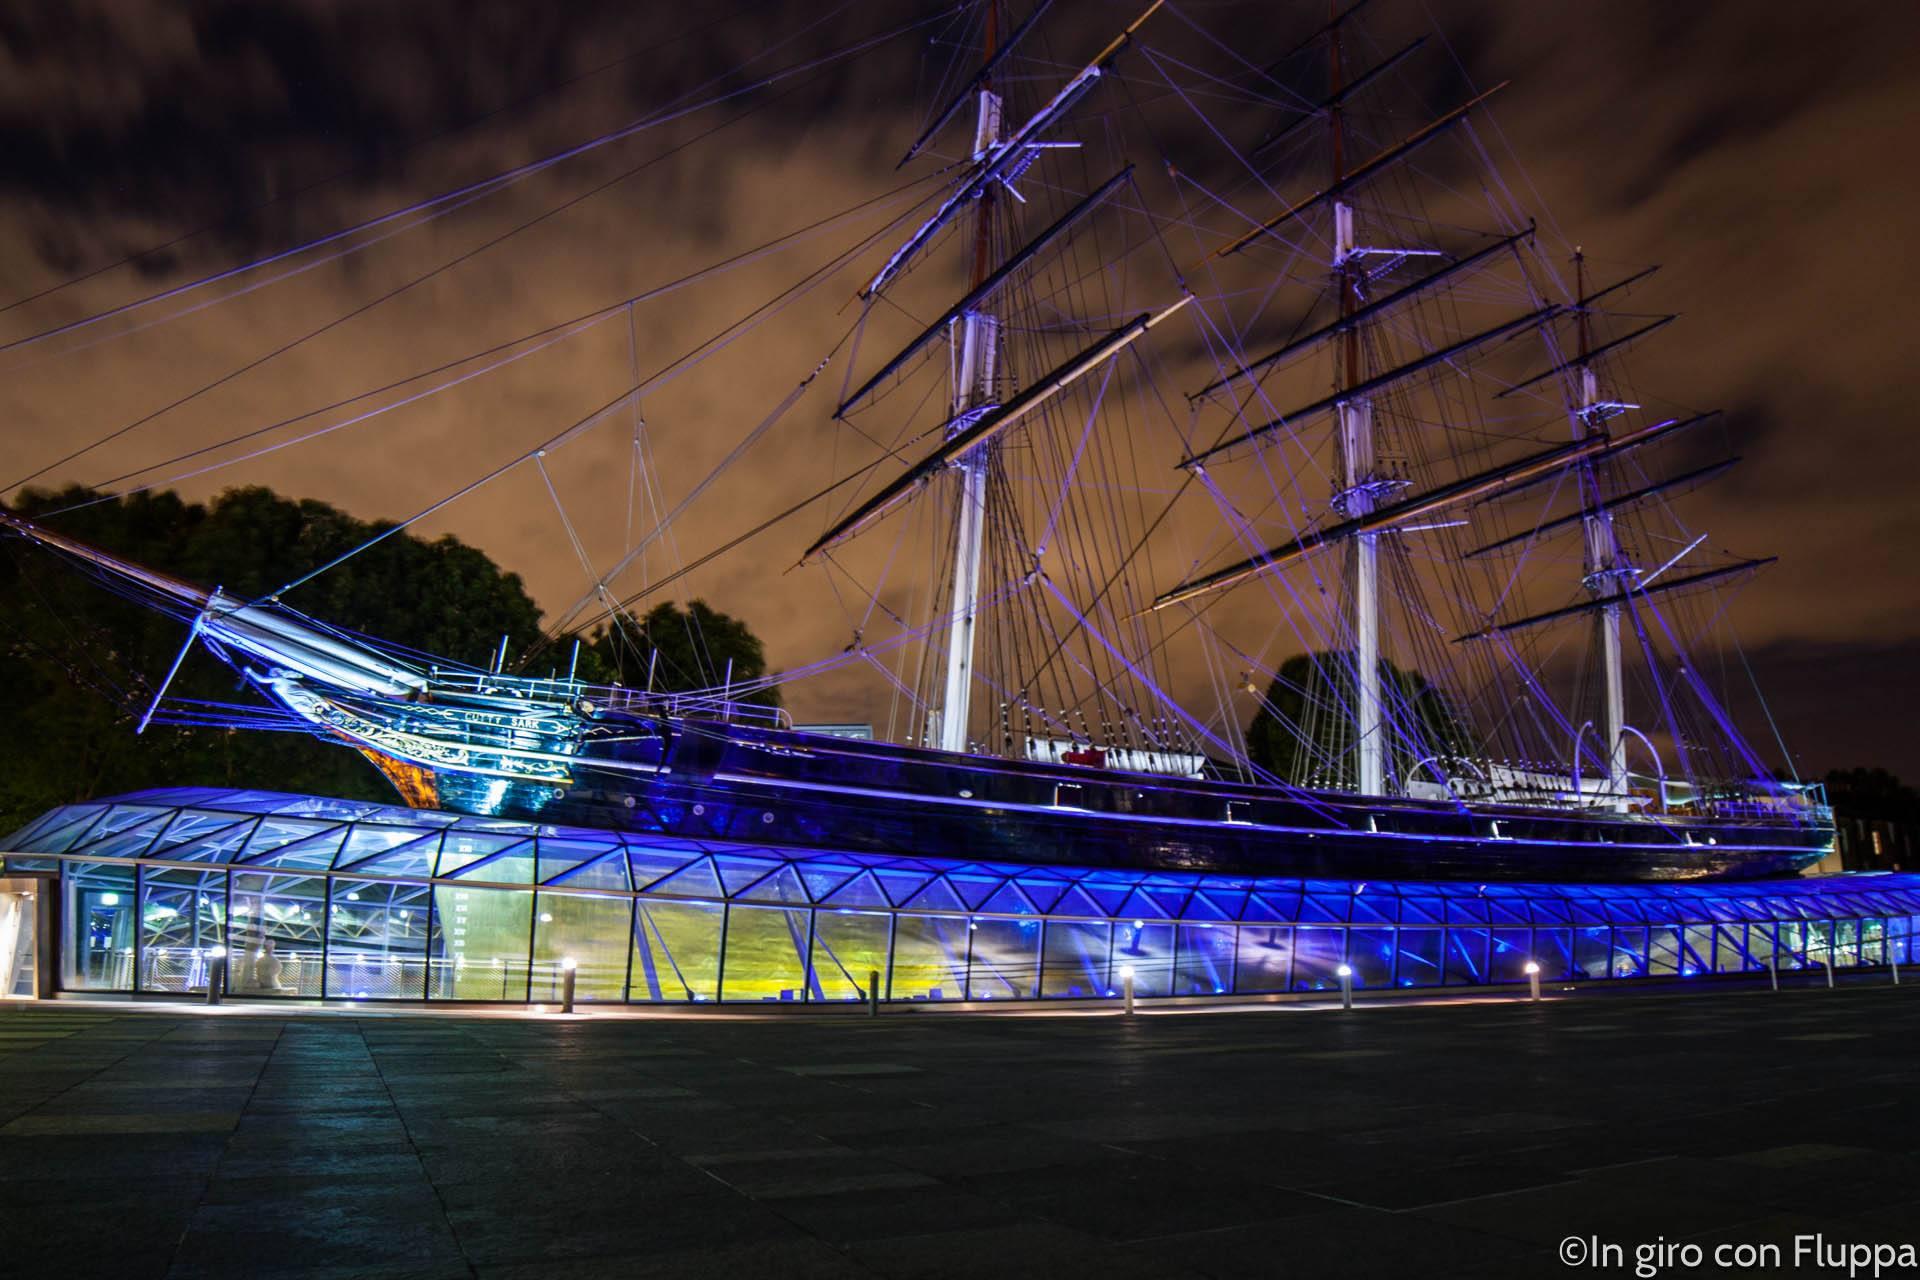 Itinerario 2: il Cutty Sark a Greenwich